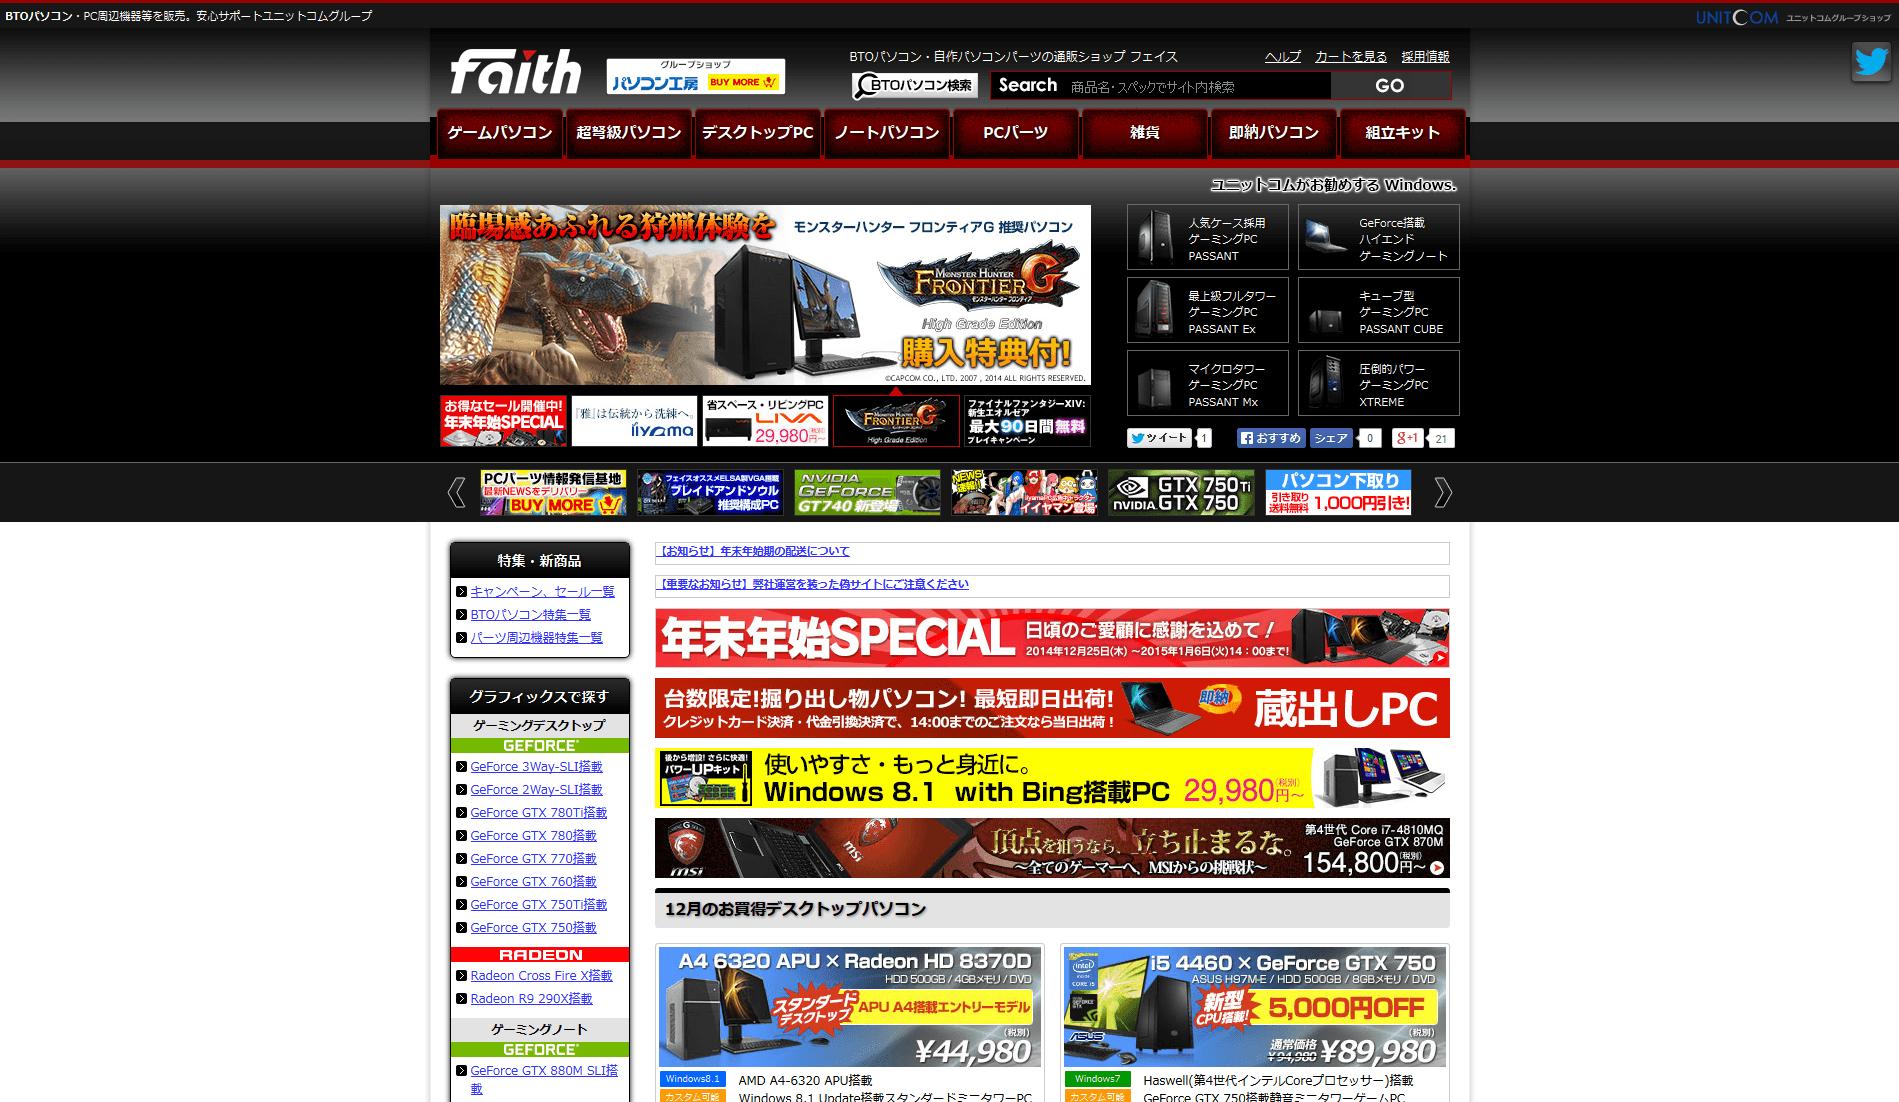 BTOパソコン(PC)のフェイス ~ BTOパソコンのネット販売・通販サイトです